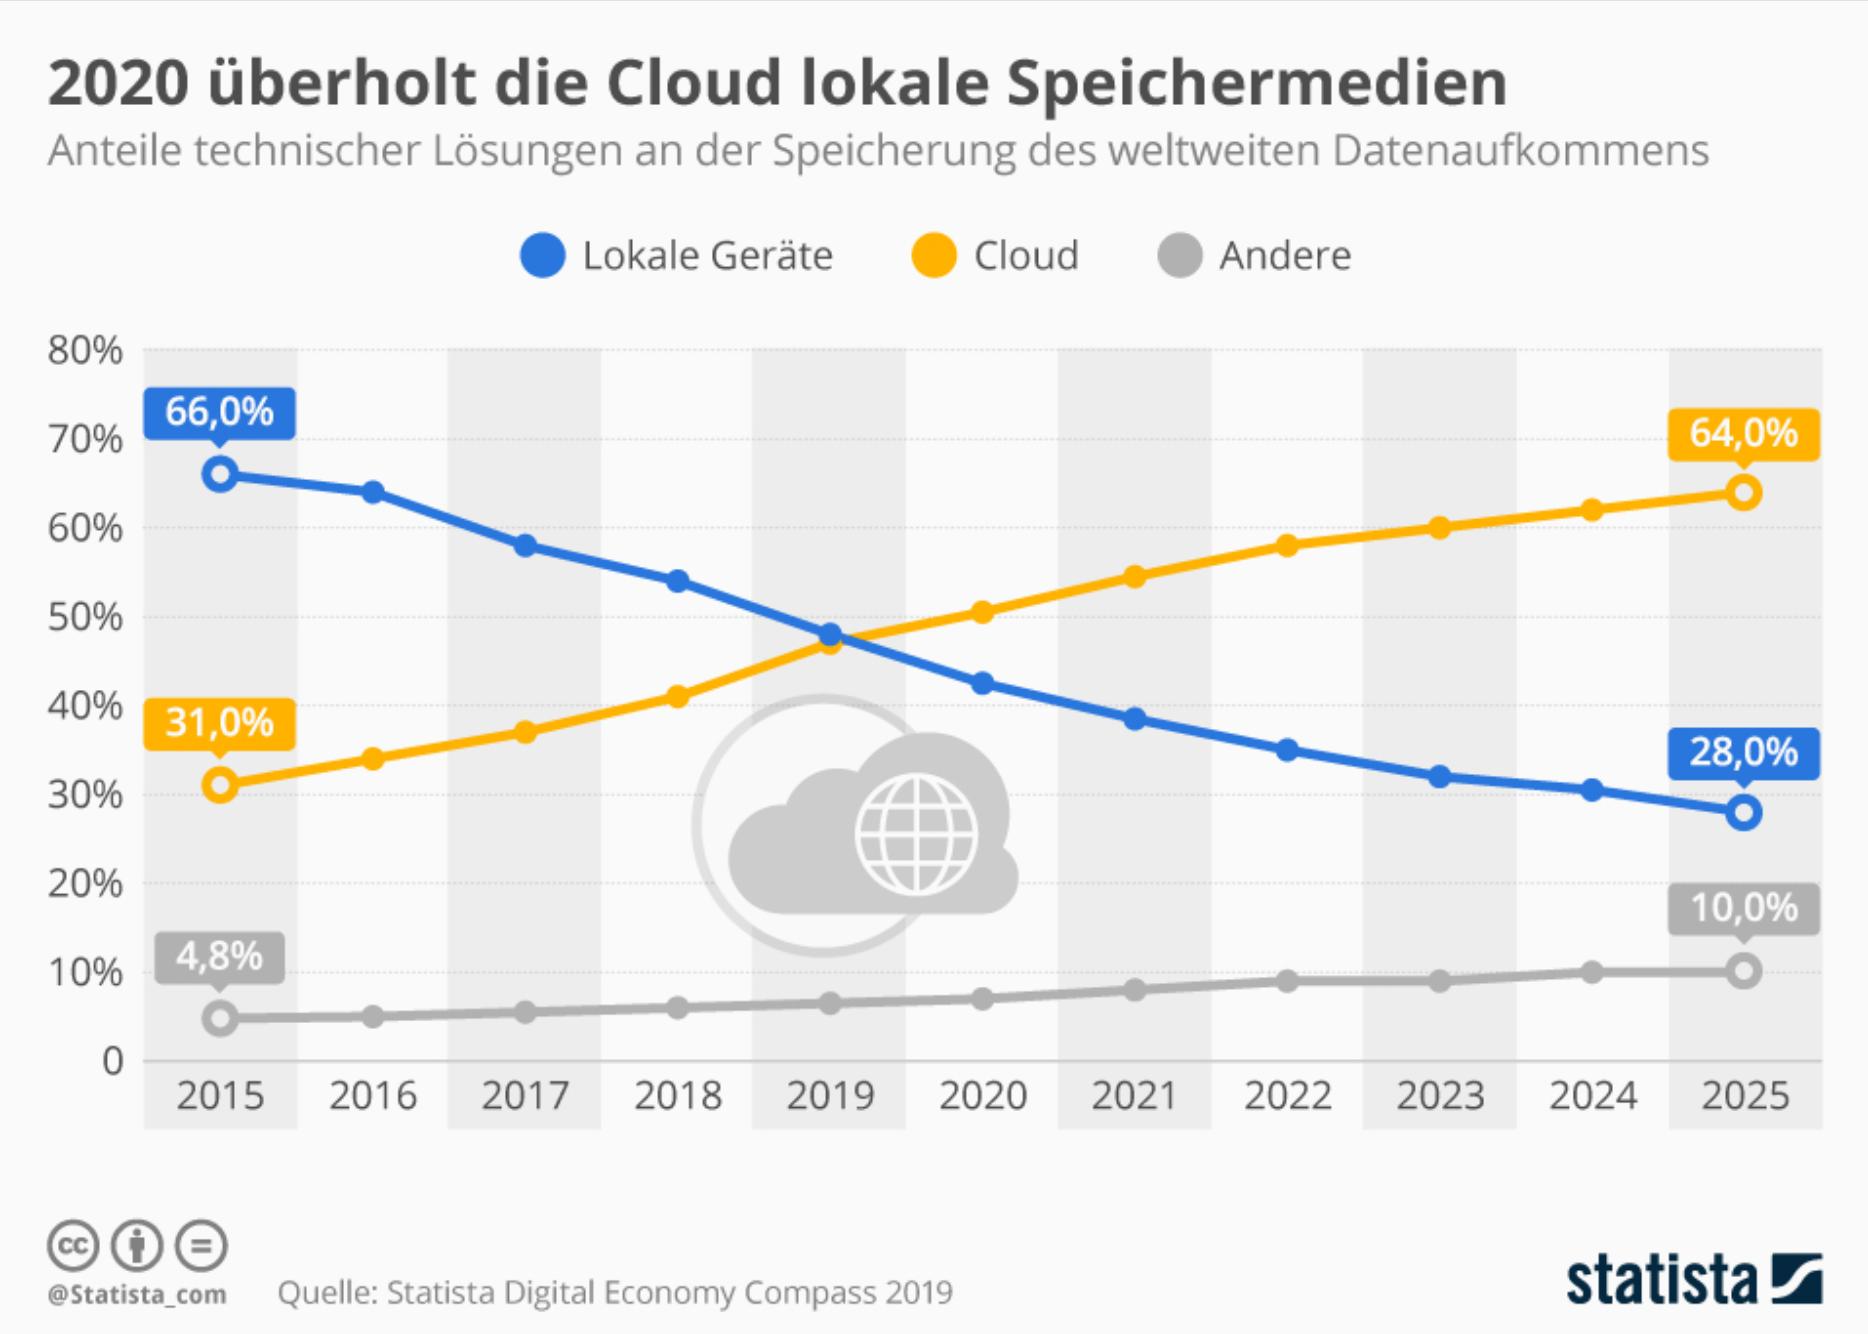 Immer mehr Daten werden nicht länger lokal gespeichert, sondern gehen in die Cloud - und somit zumeist in den amerikanischen Einflussbereich.